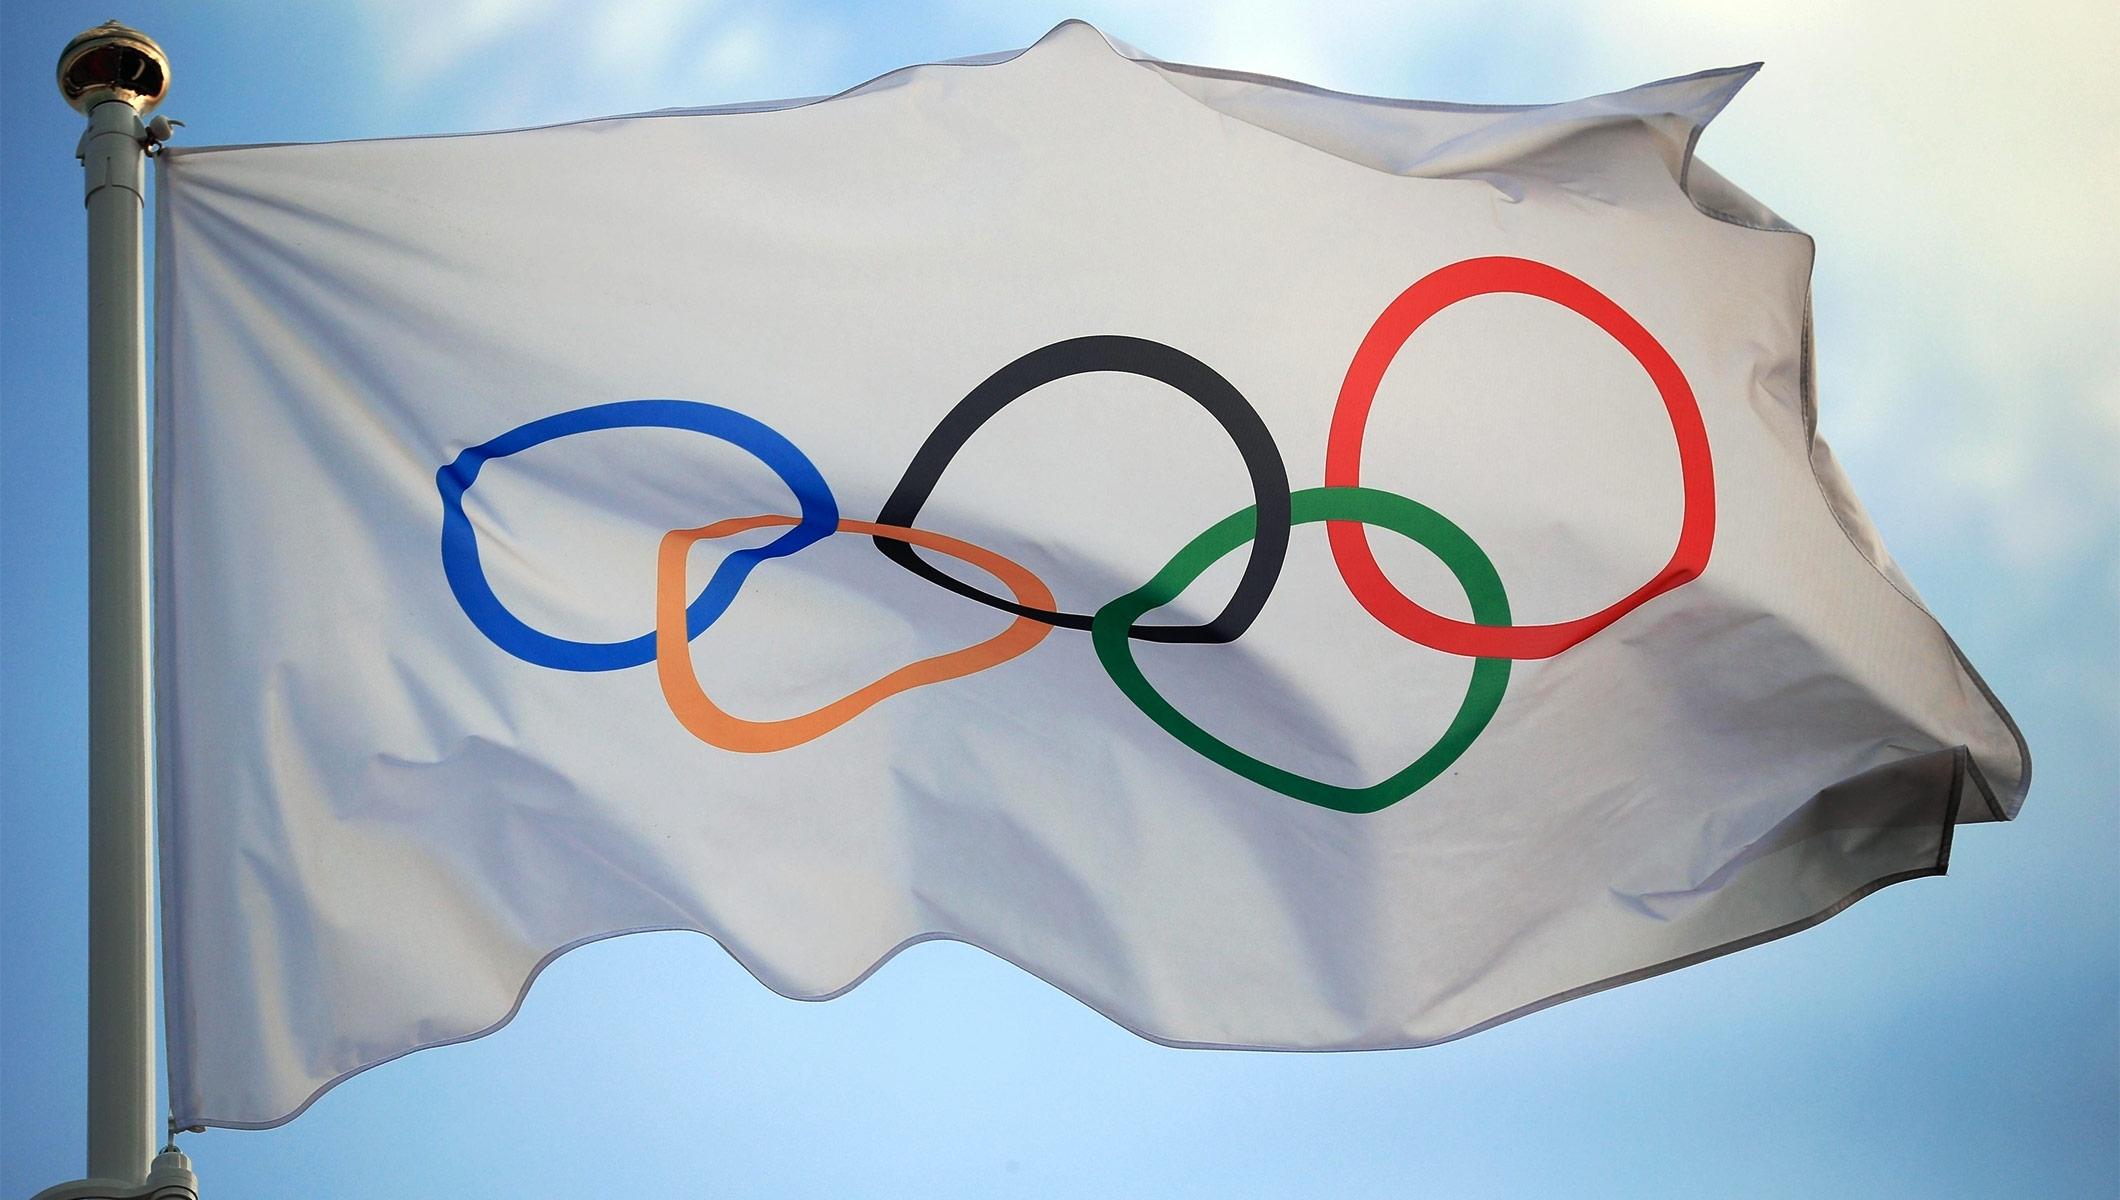 Международният олимпийски комитет (МОК) и властите в Сенегал взеха съвместно